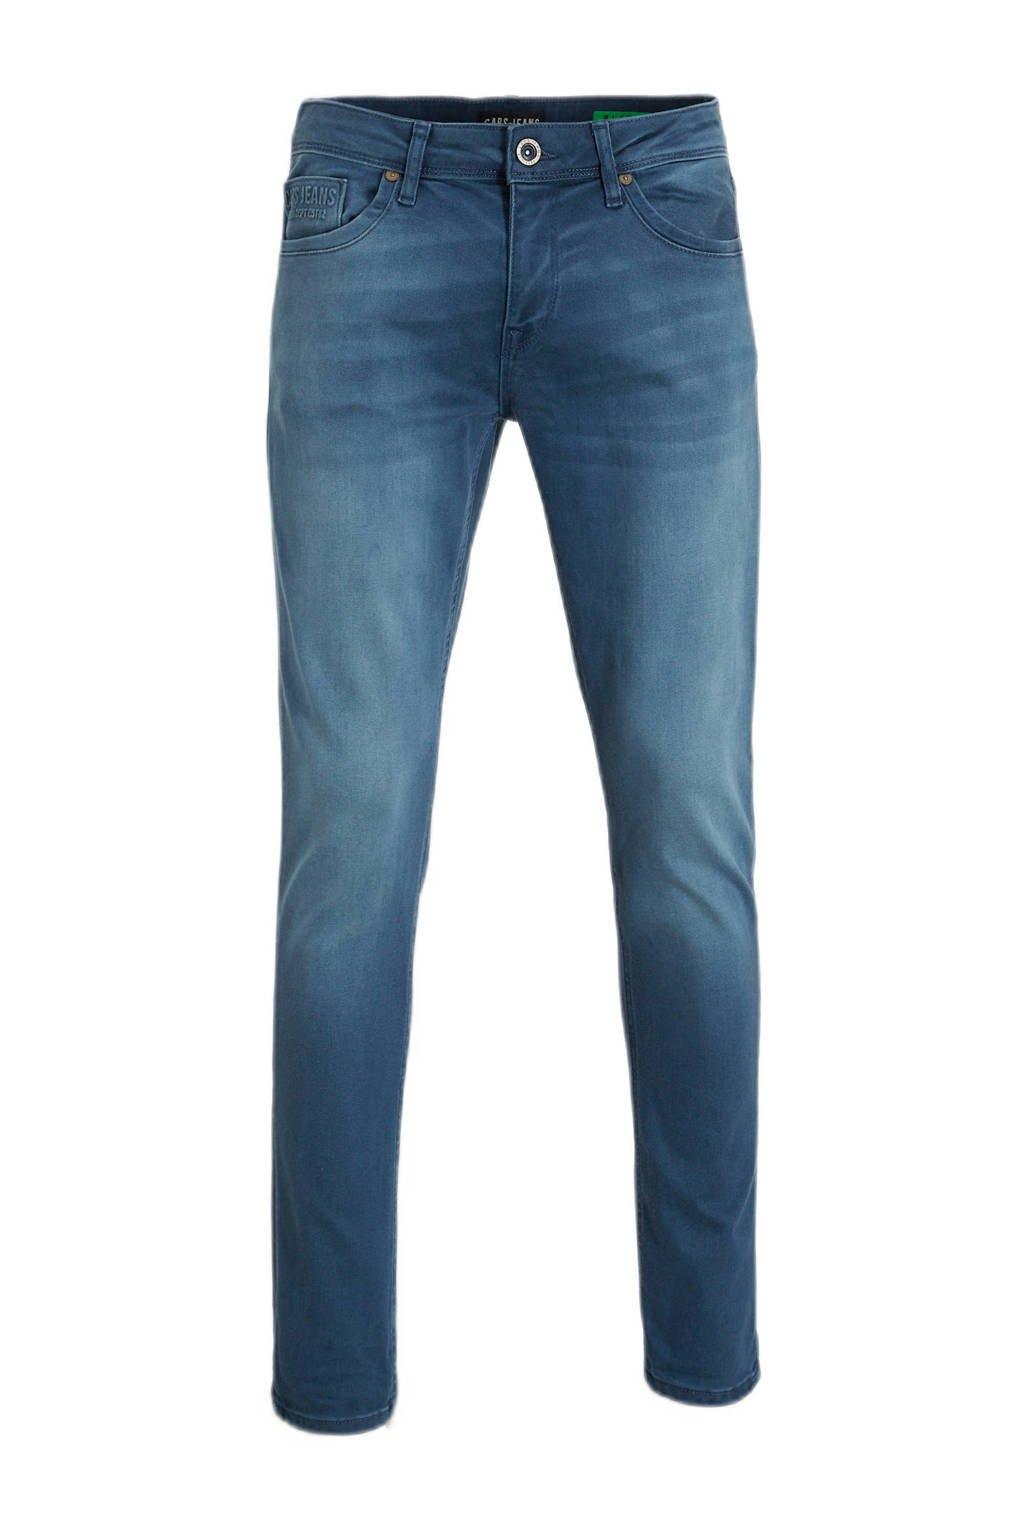 Cars  slim Blast slim fit jeans, Dallas Blue